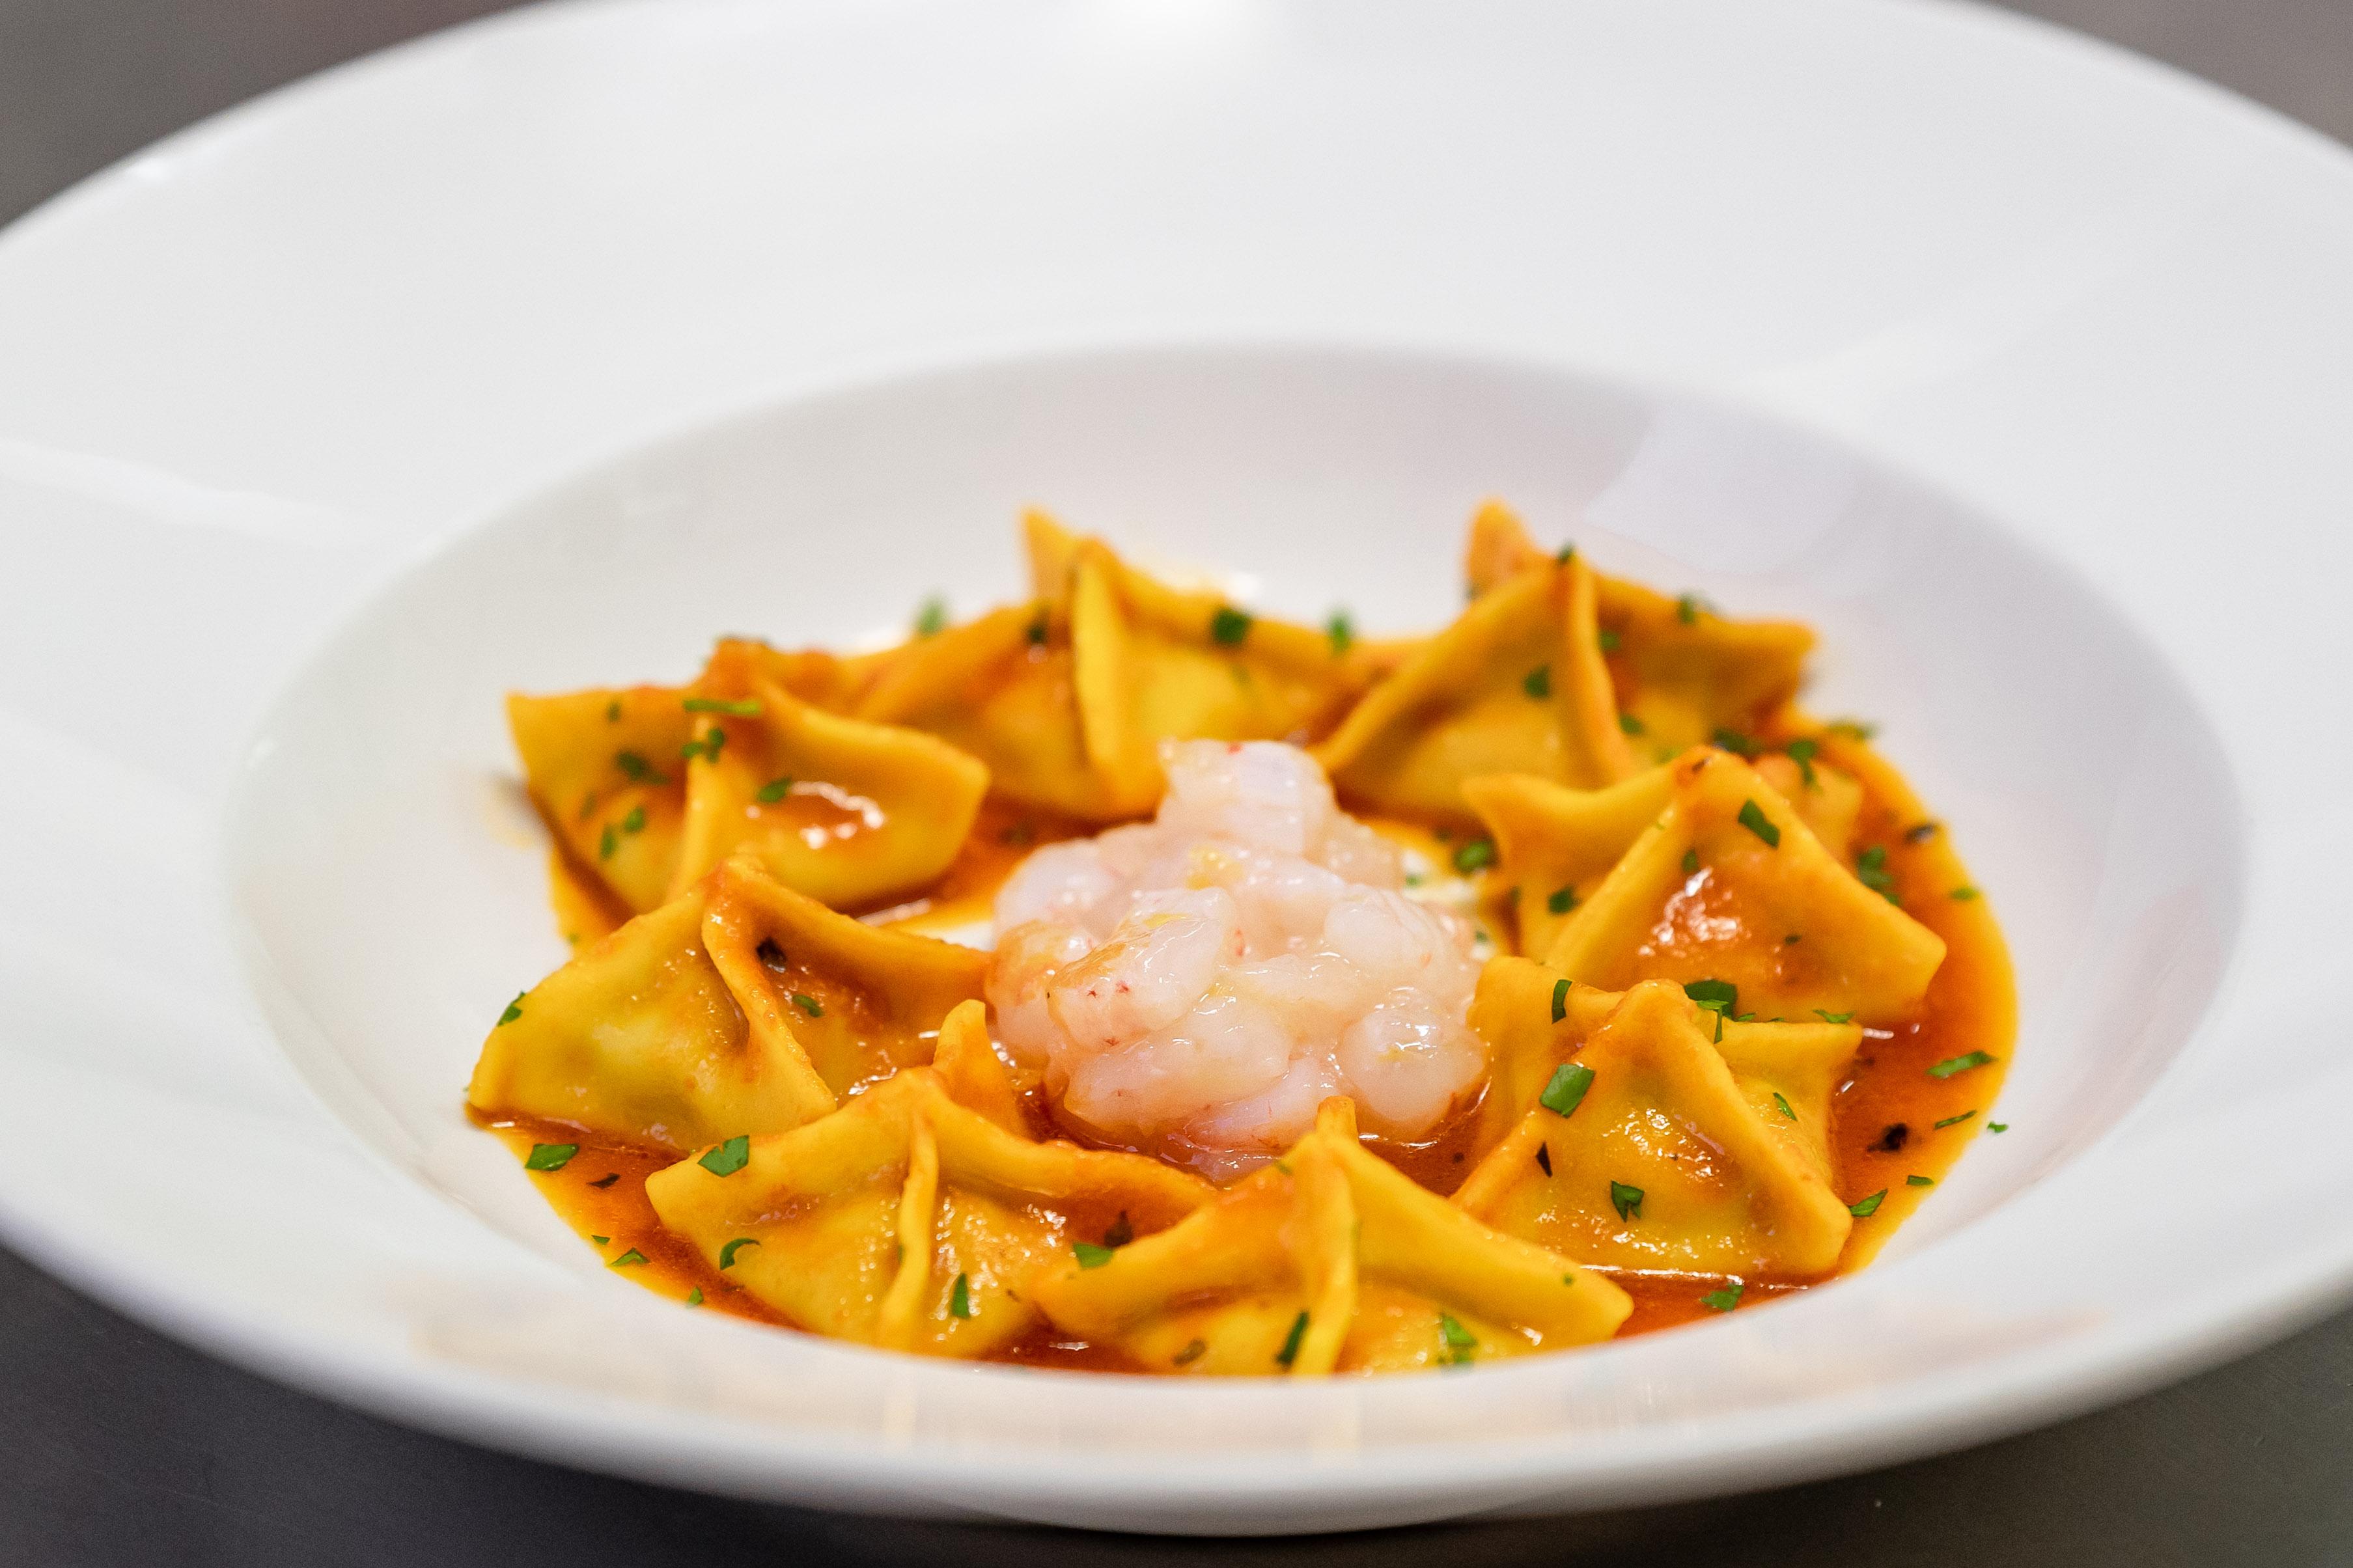 Fagottini ripieni di melanzane con crudo di gamberi del Tirreno, all'Osteria Torre di Populonia, ristorante di pesce a km zero in Toscana.